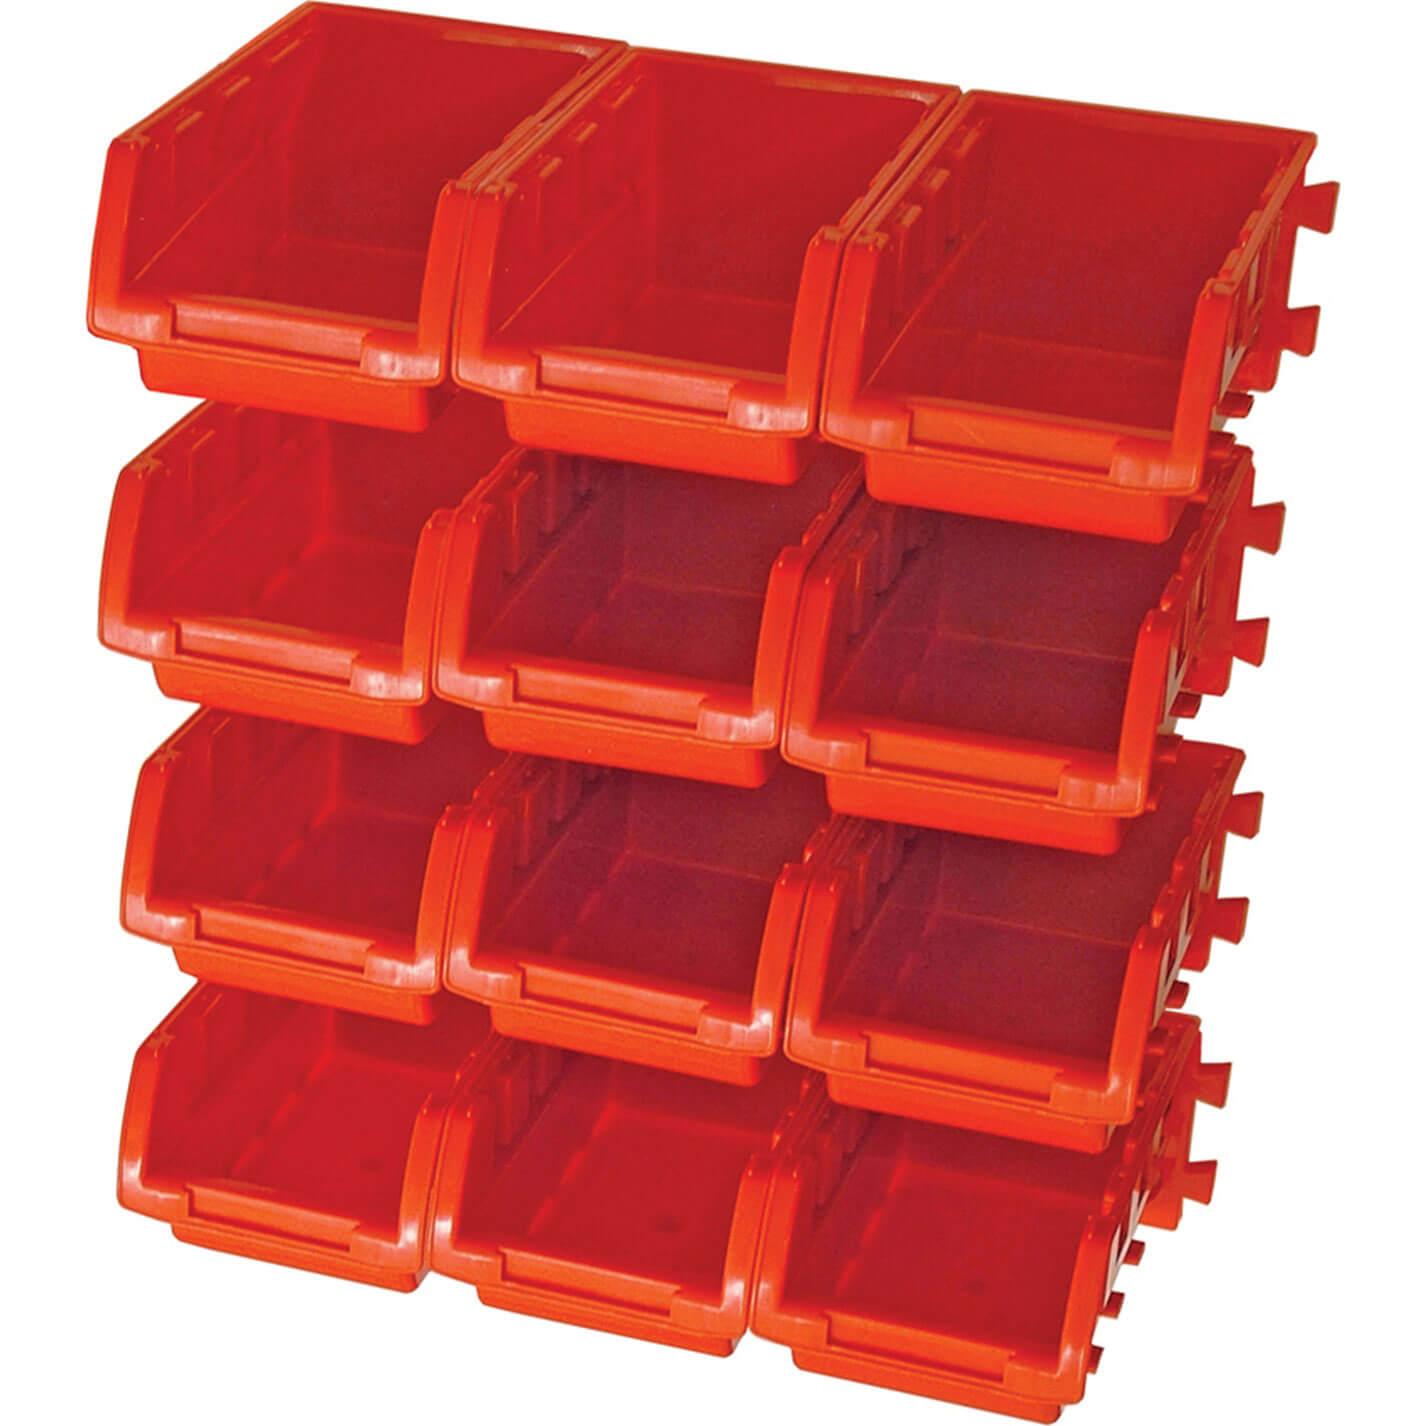 Faithfull 12 Piece Plastic Storage Bin Set